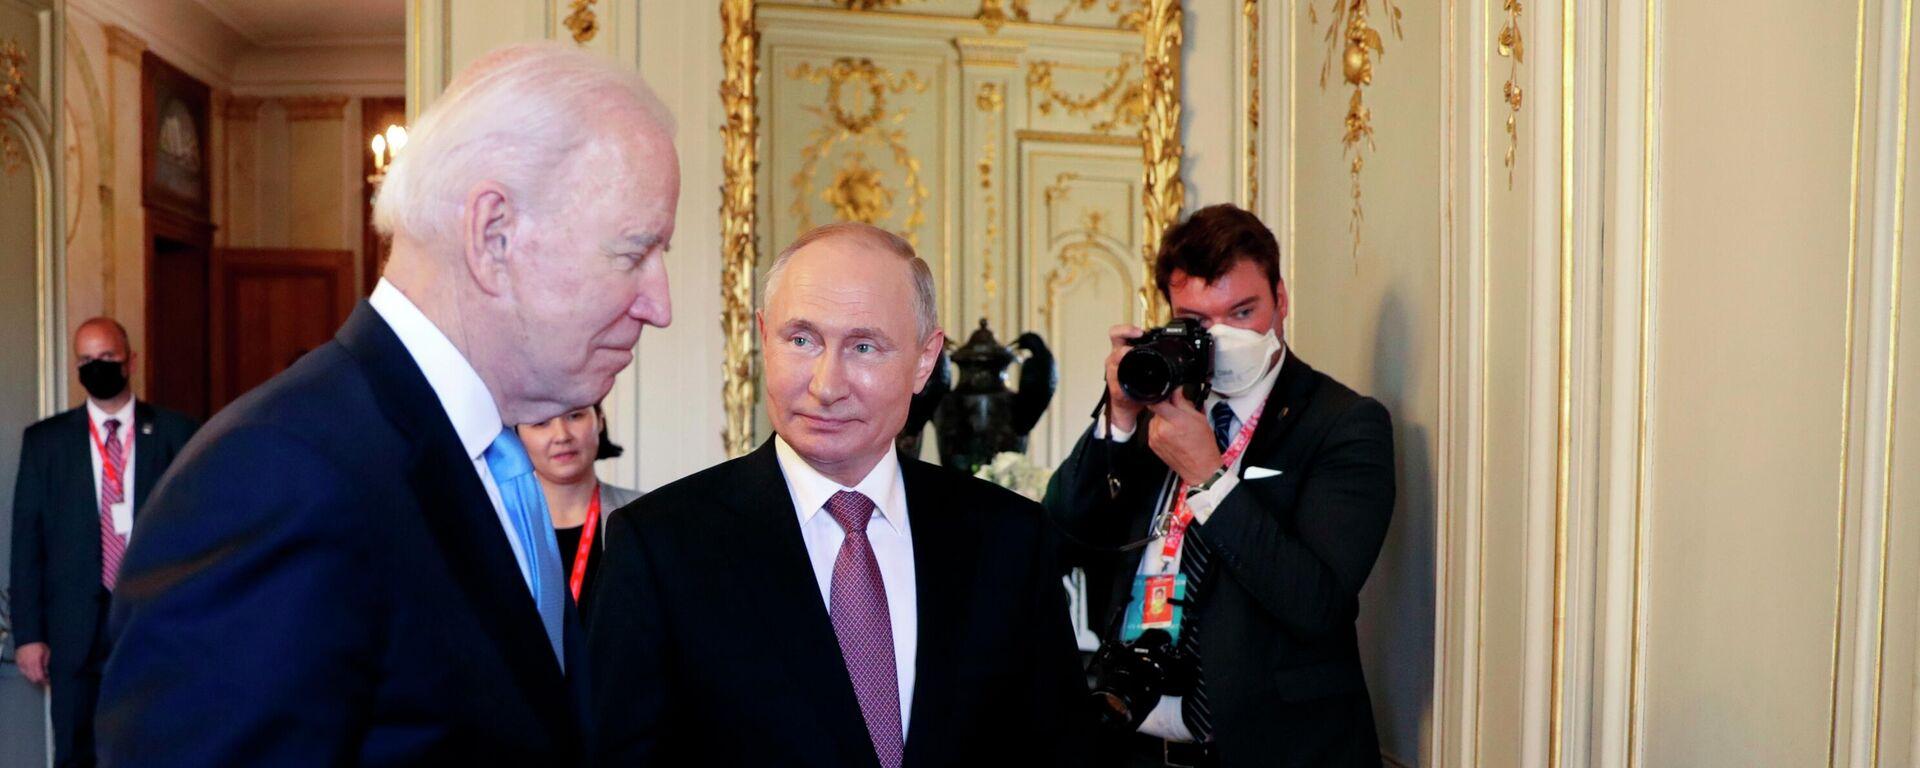 Президент РФ Владимир Путин и президент США Джо Байден (слева) - Sputnik Таджикистан, 1920, 13.07.2021